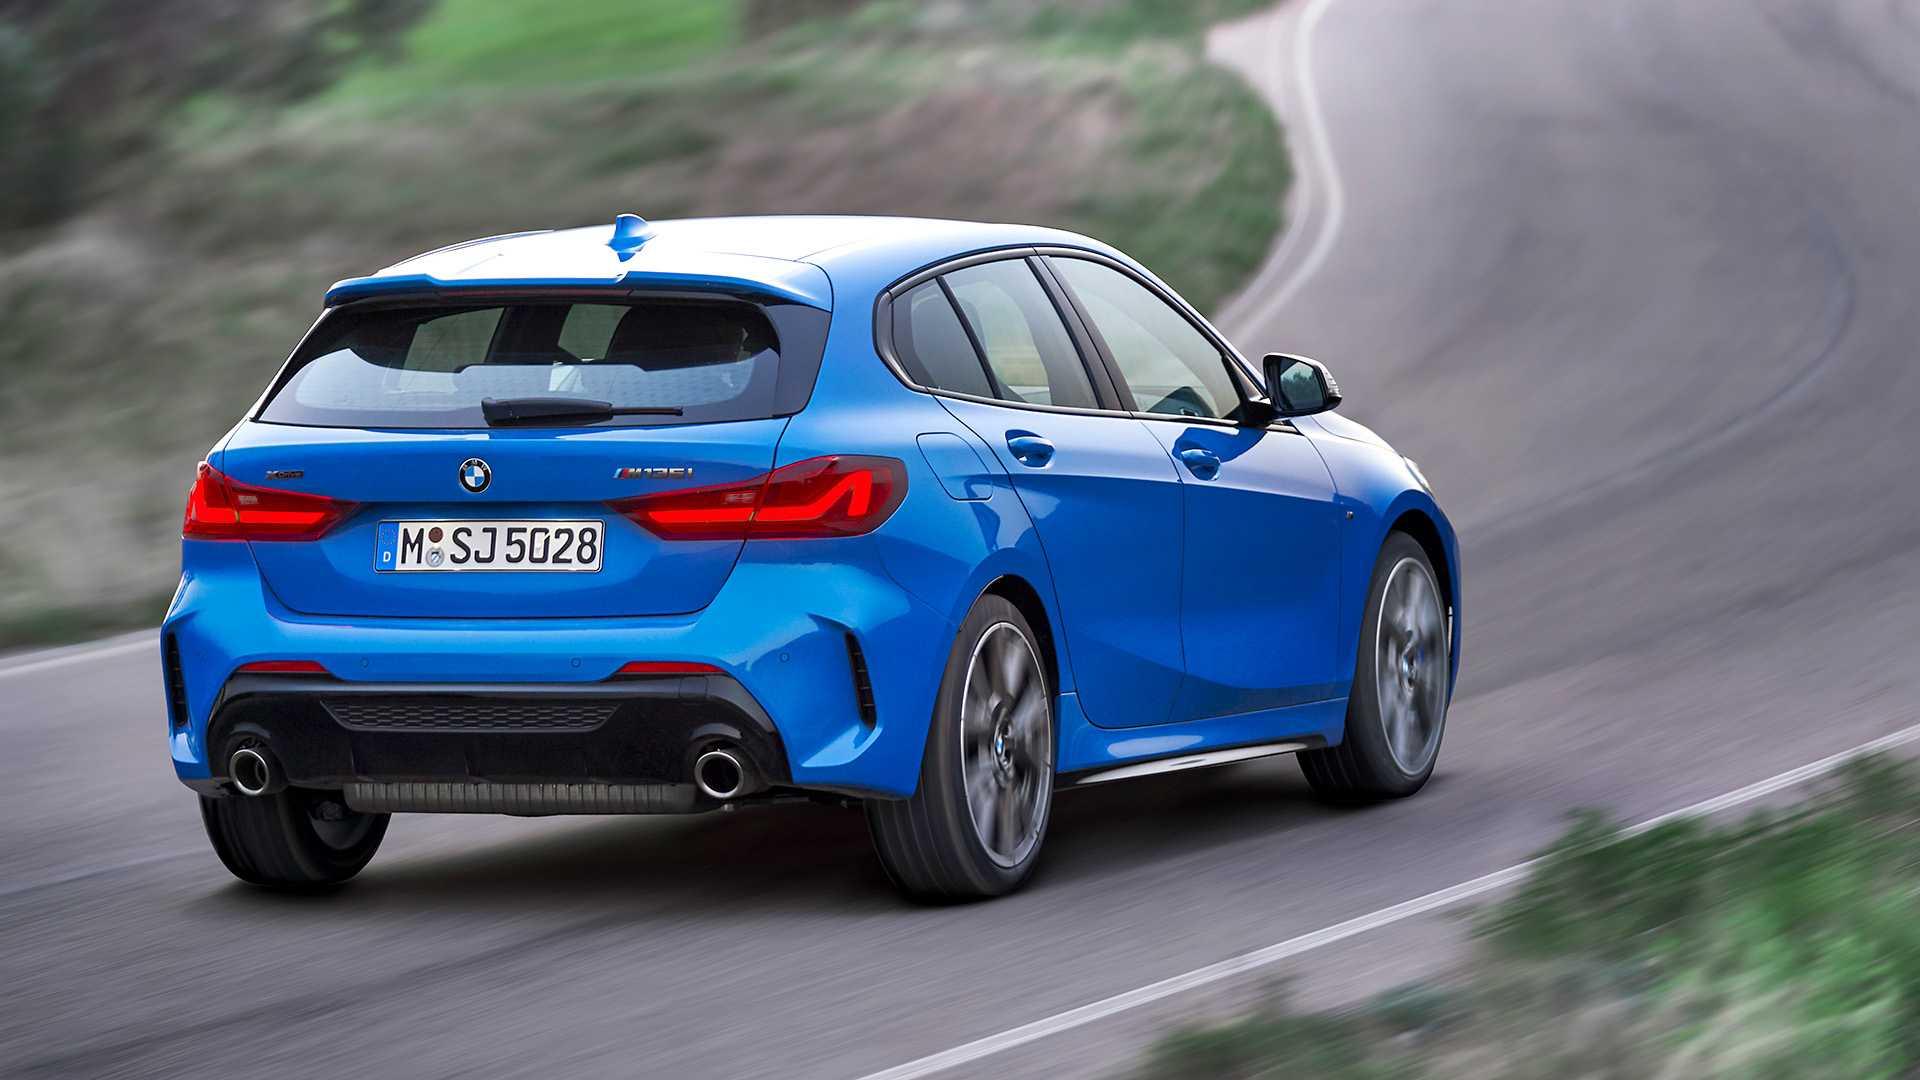 BMW 1 Series thế hệ mới, chiếc hatchback cỡ nhỏ chất không kém đàn anh X2 7